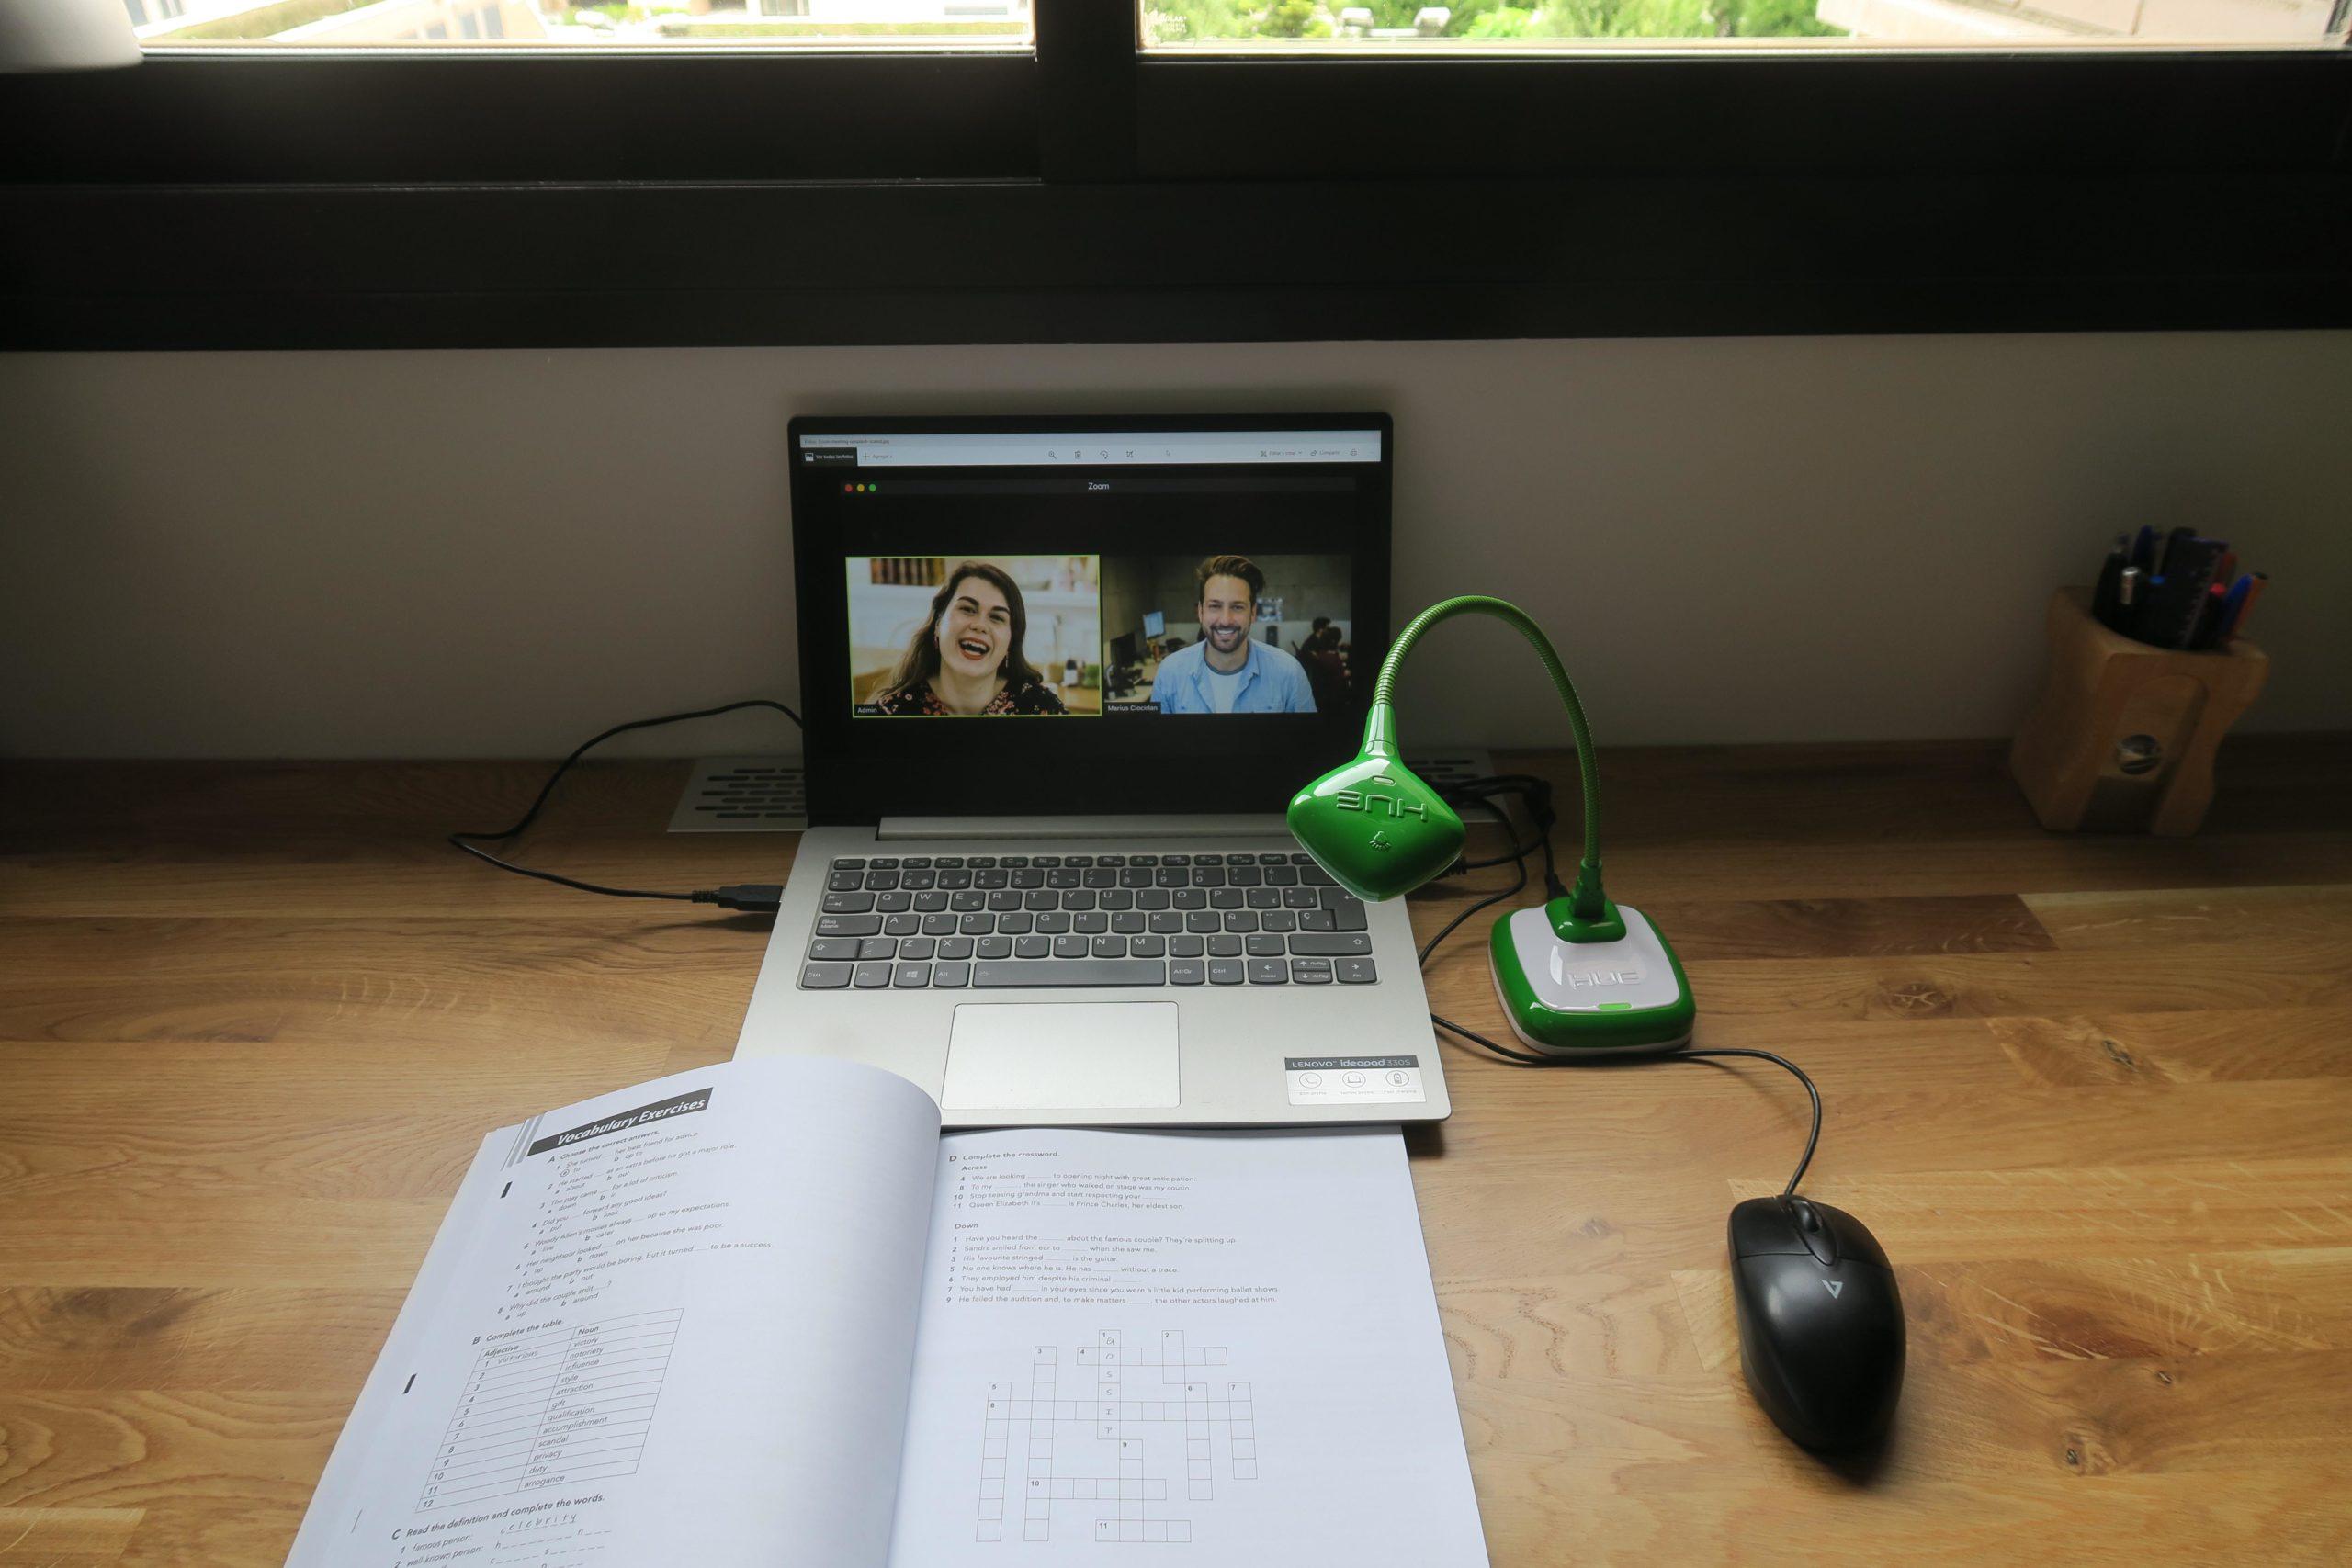 [IT/EN] Guest Post: Vantaggi della telecamera HUE nella didattica online/HUE online teaching uses